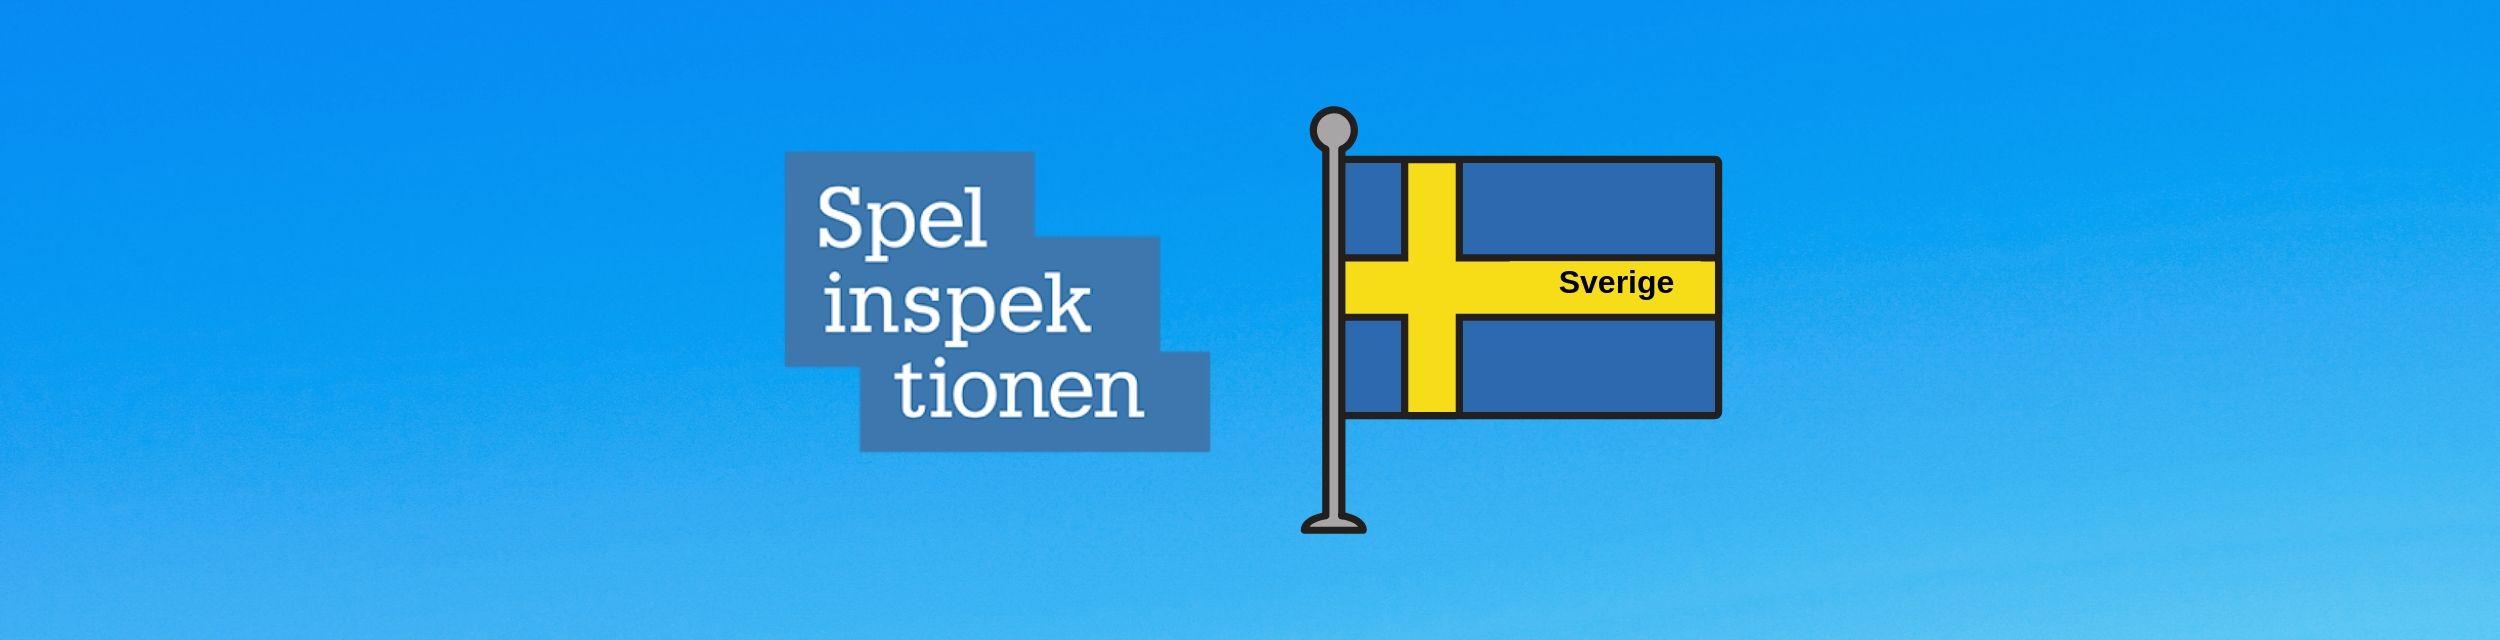 Svenska spel oddset - 77324